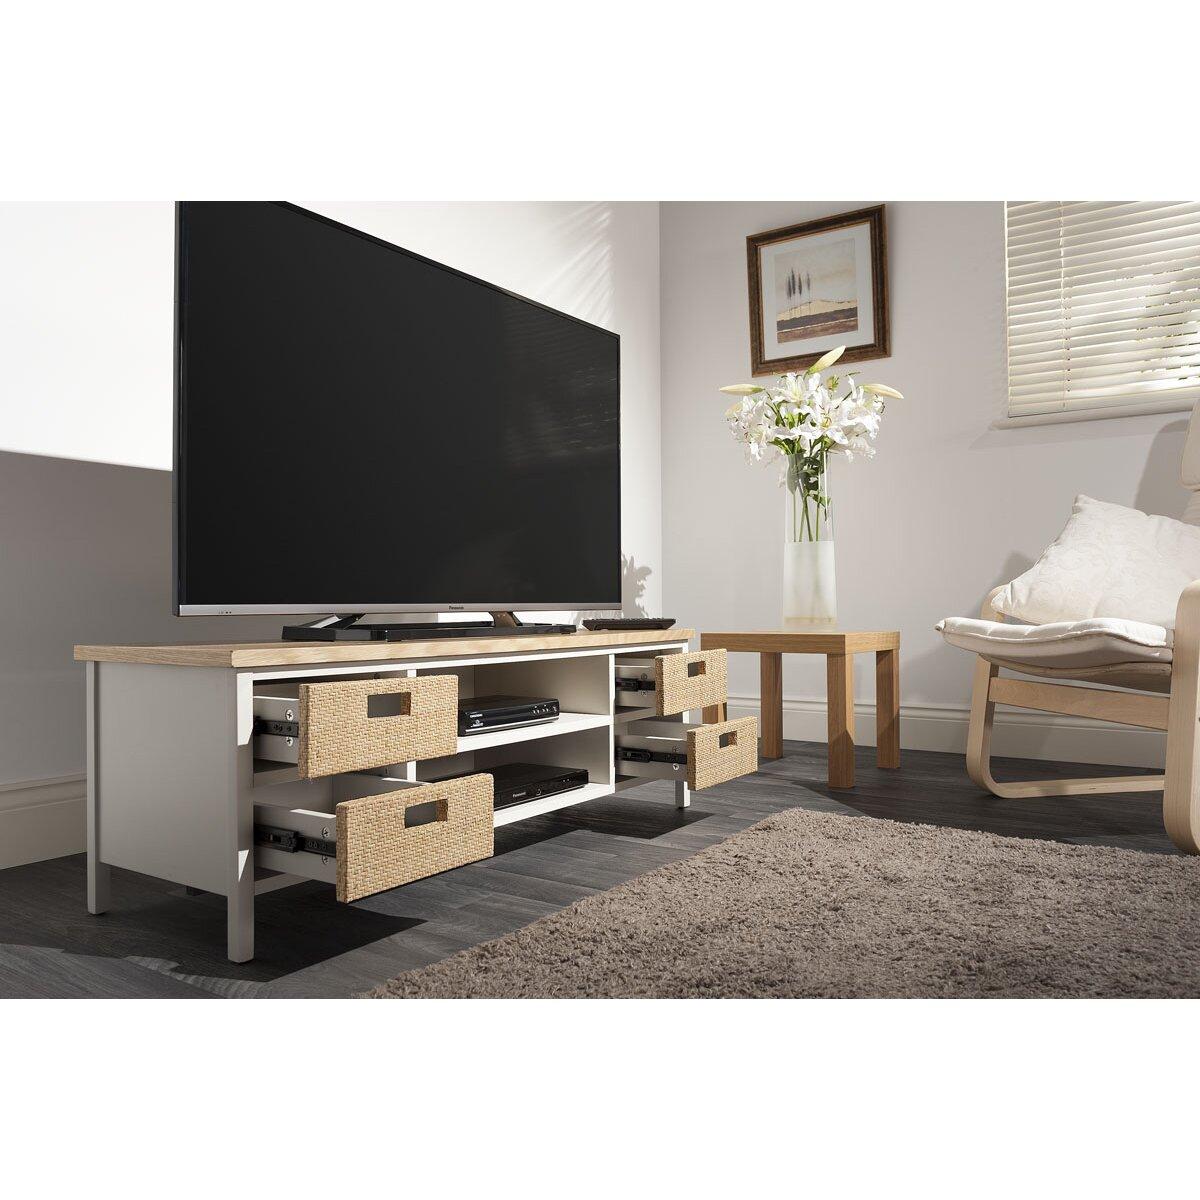 techlink tv regal wicker f r fernseher bis 55. Black Bedroom Furniture Sets. Home Design Ideas